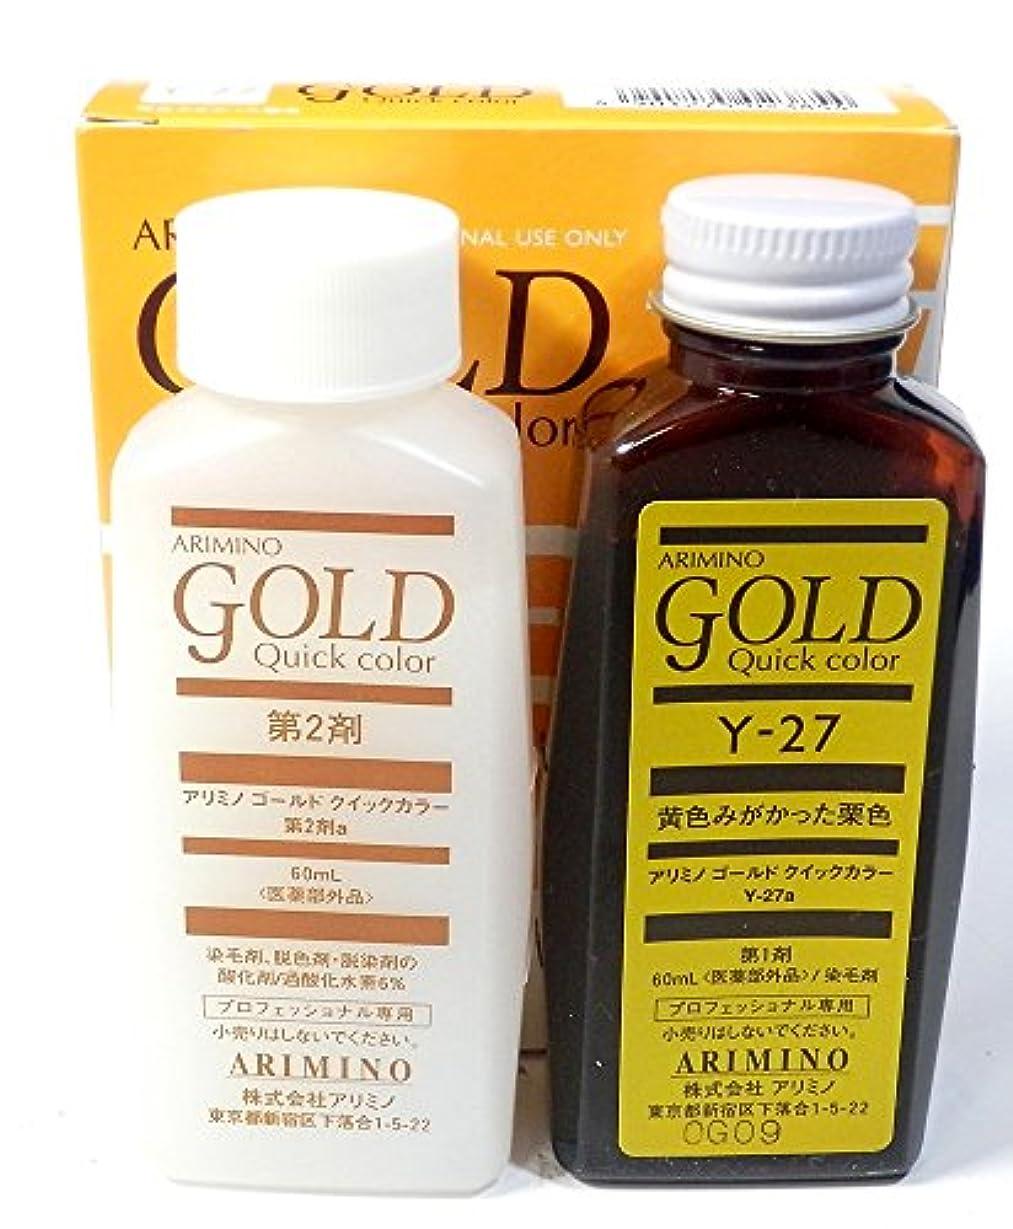 接ぎ木驚いた箱アリミノ ARIMINO ゴールド クイックカラー Y-27 白髪染め 新品 黄色みがかった栗色